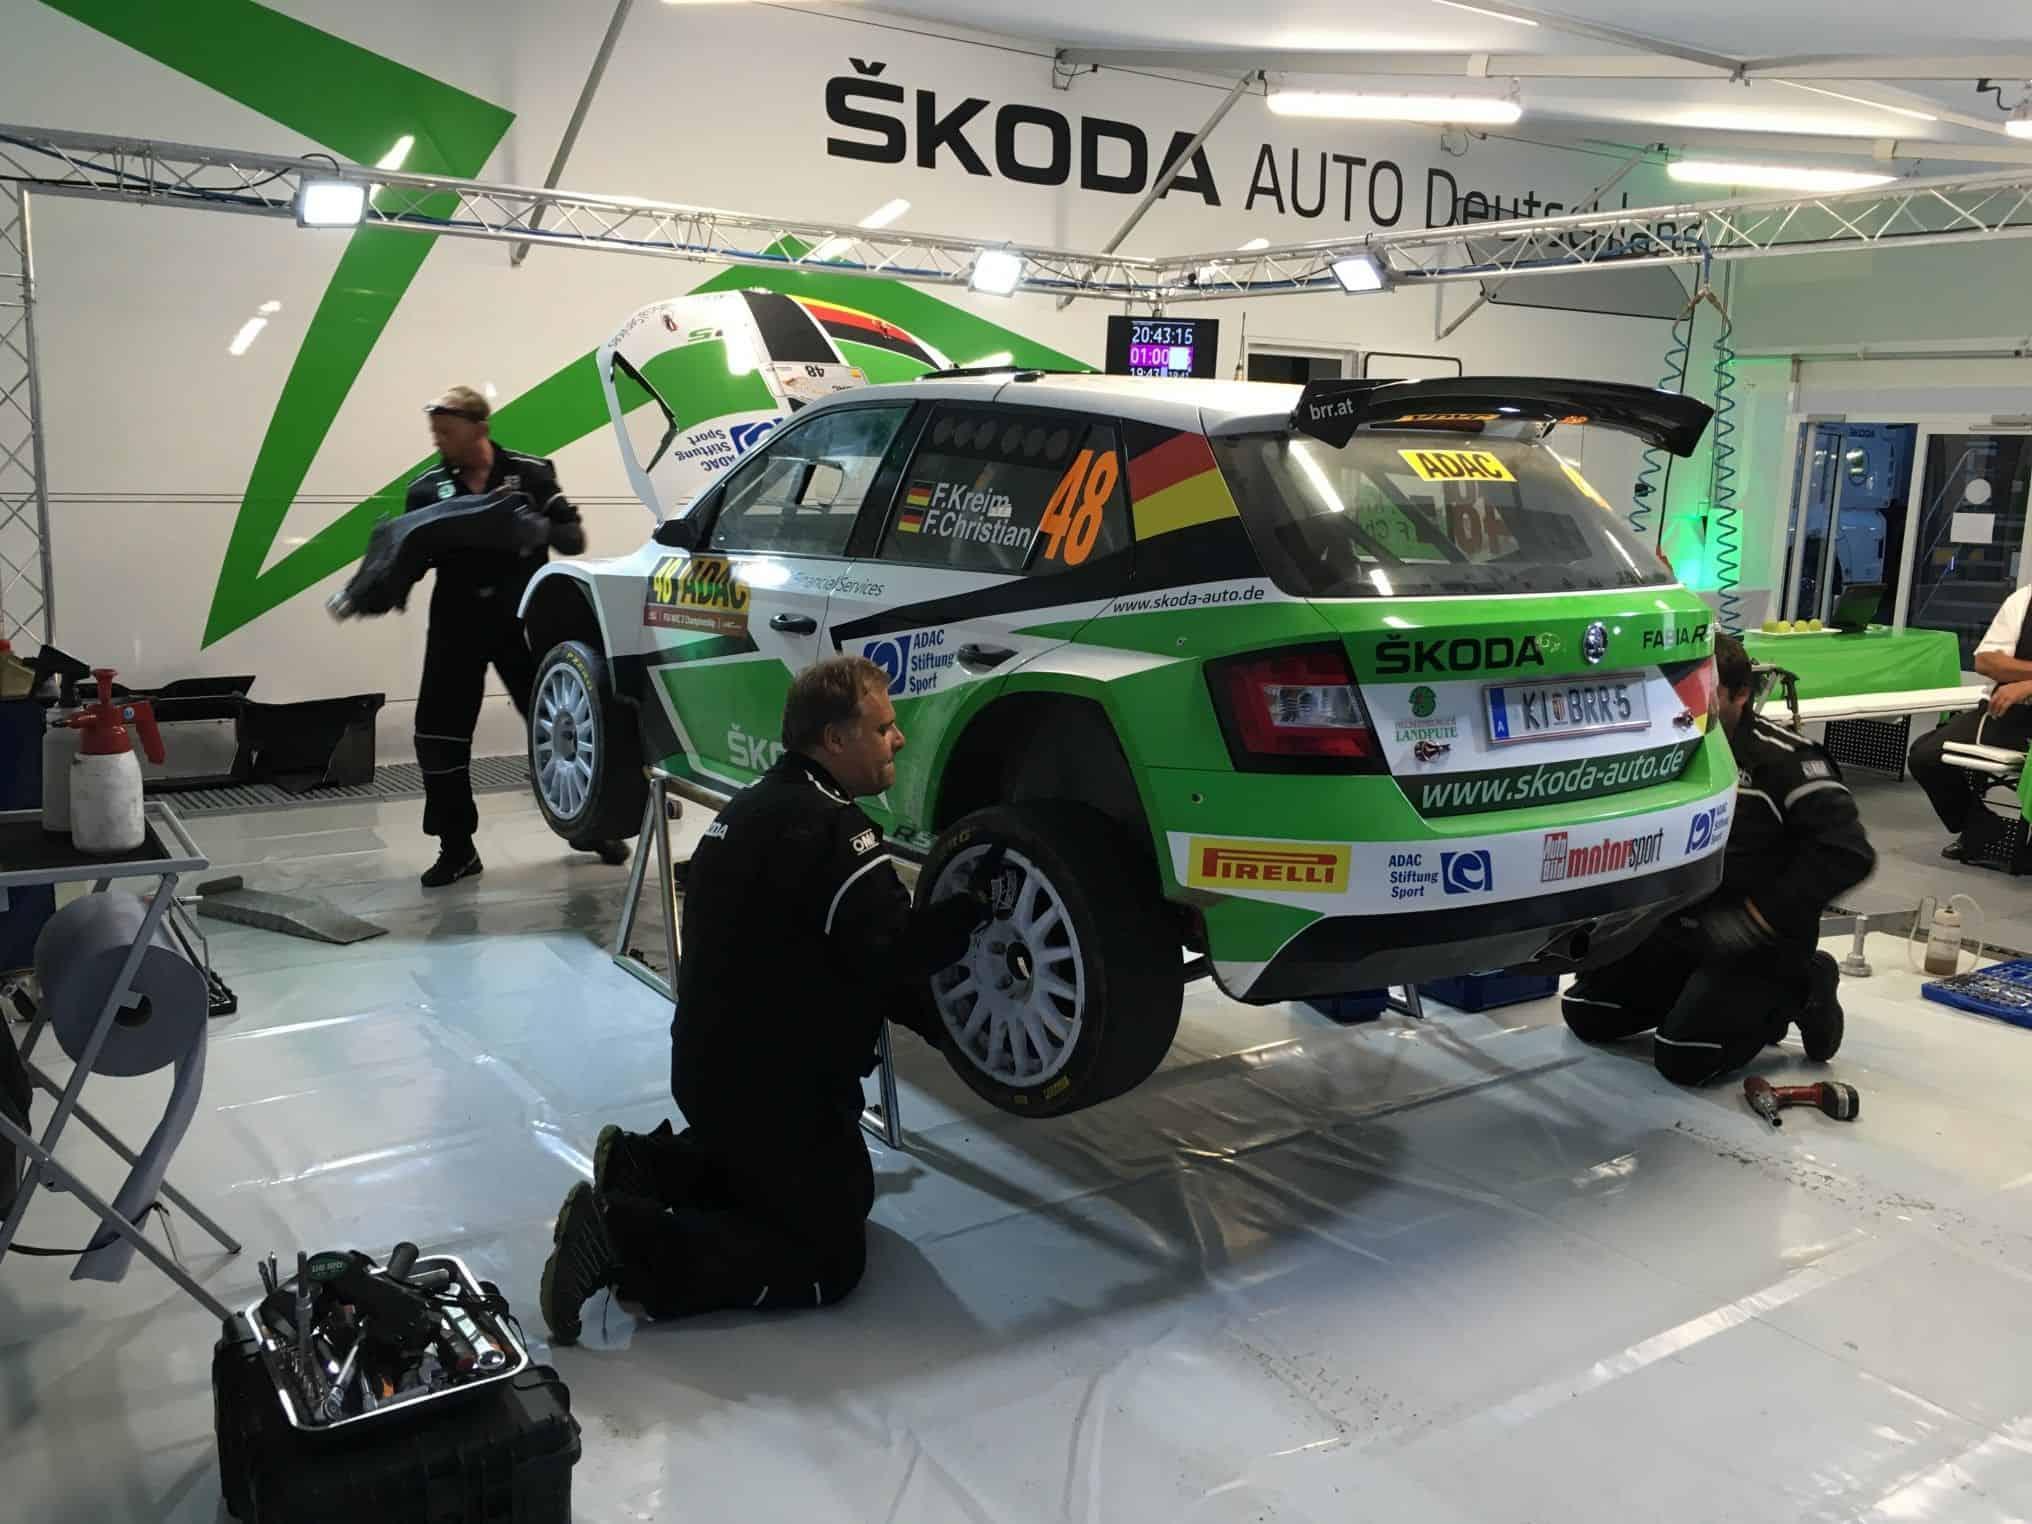 Führung für Andreas Mikkelsen bei der ADAC Rallye Deutschland | Der ...